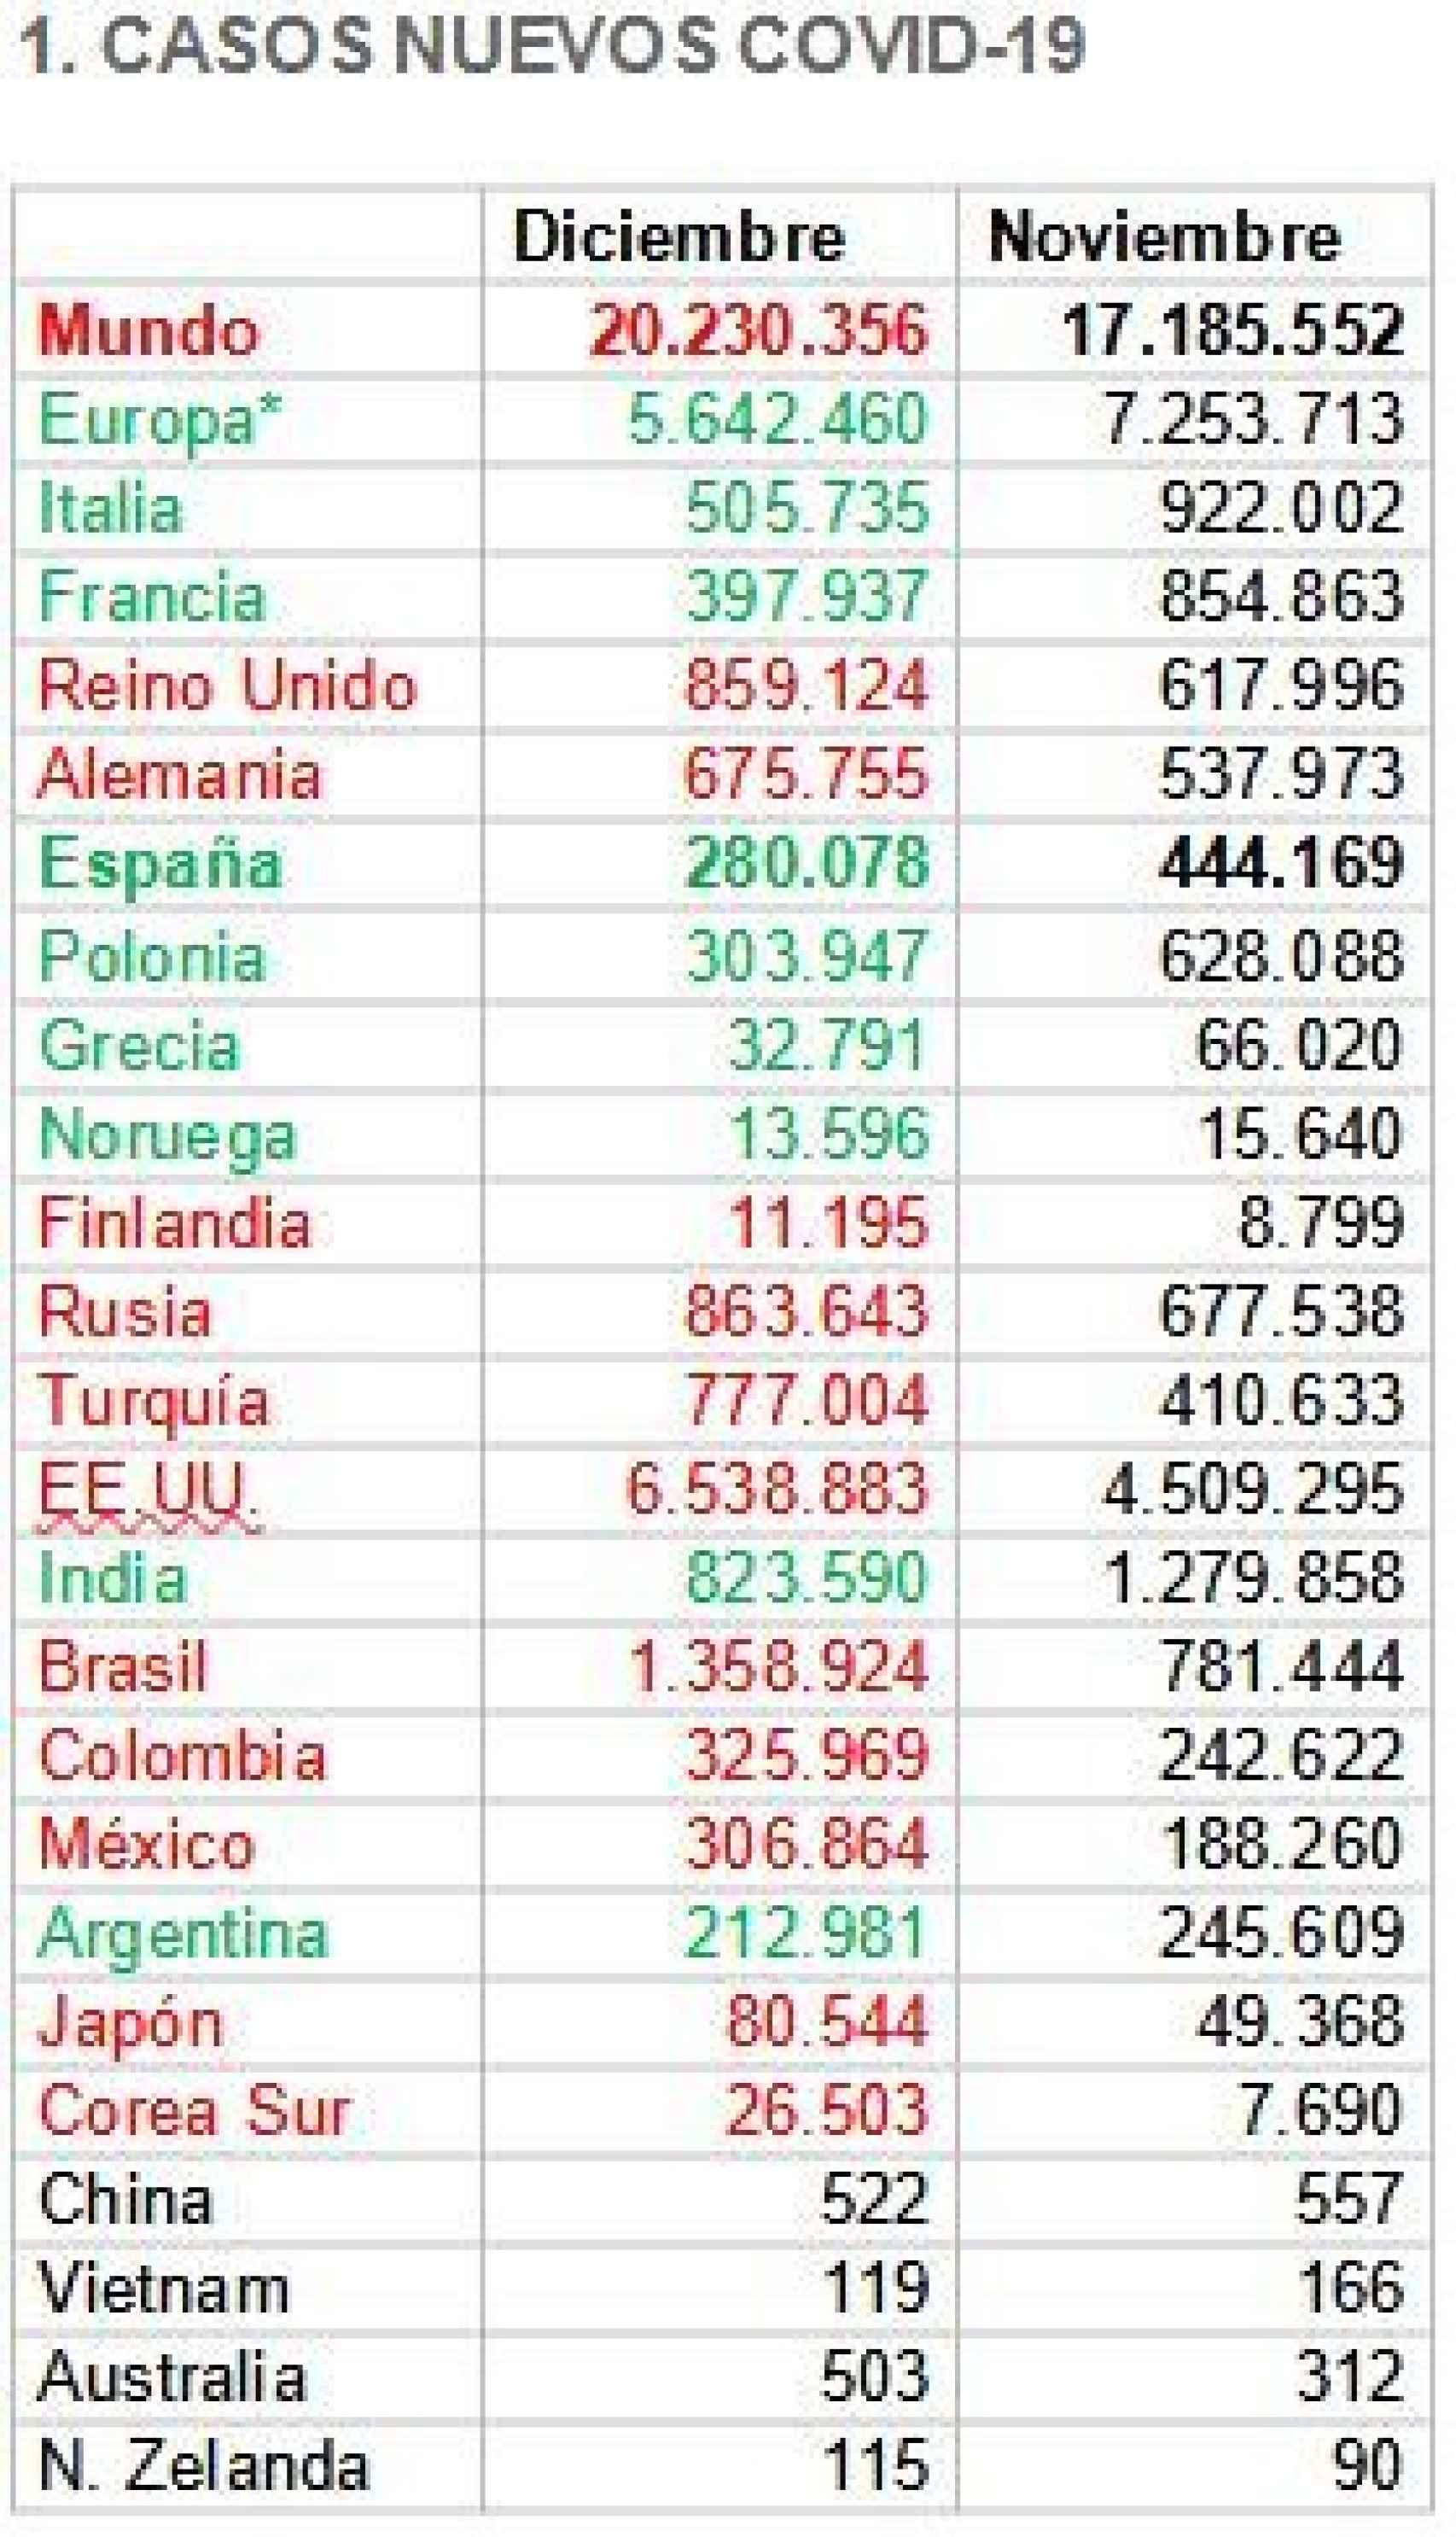 Fuente: Wordlometers, Ministerio de Sanidad y elaboración propia @migsebastiang